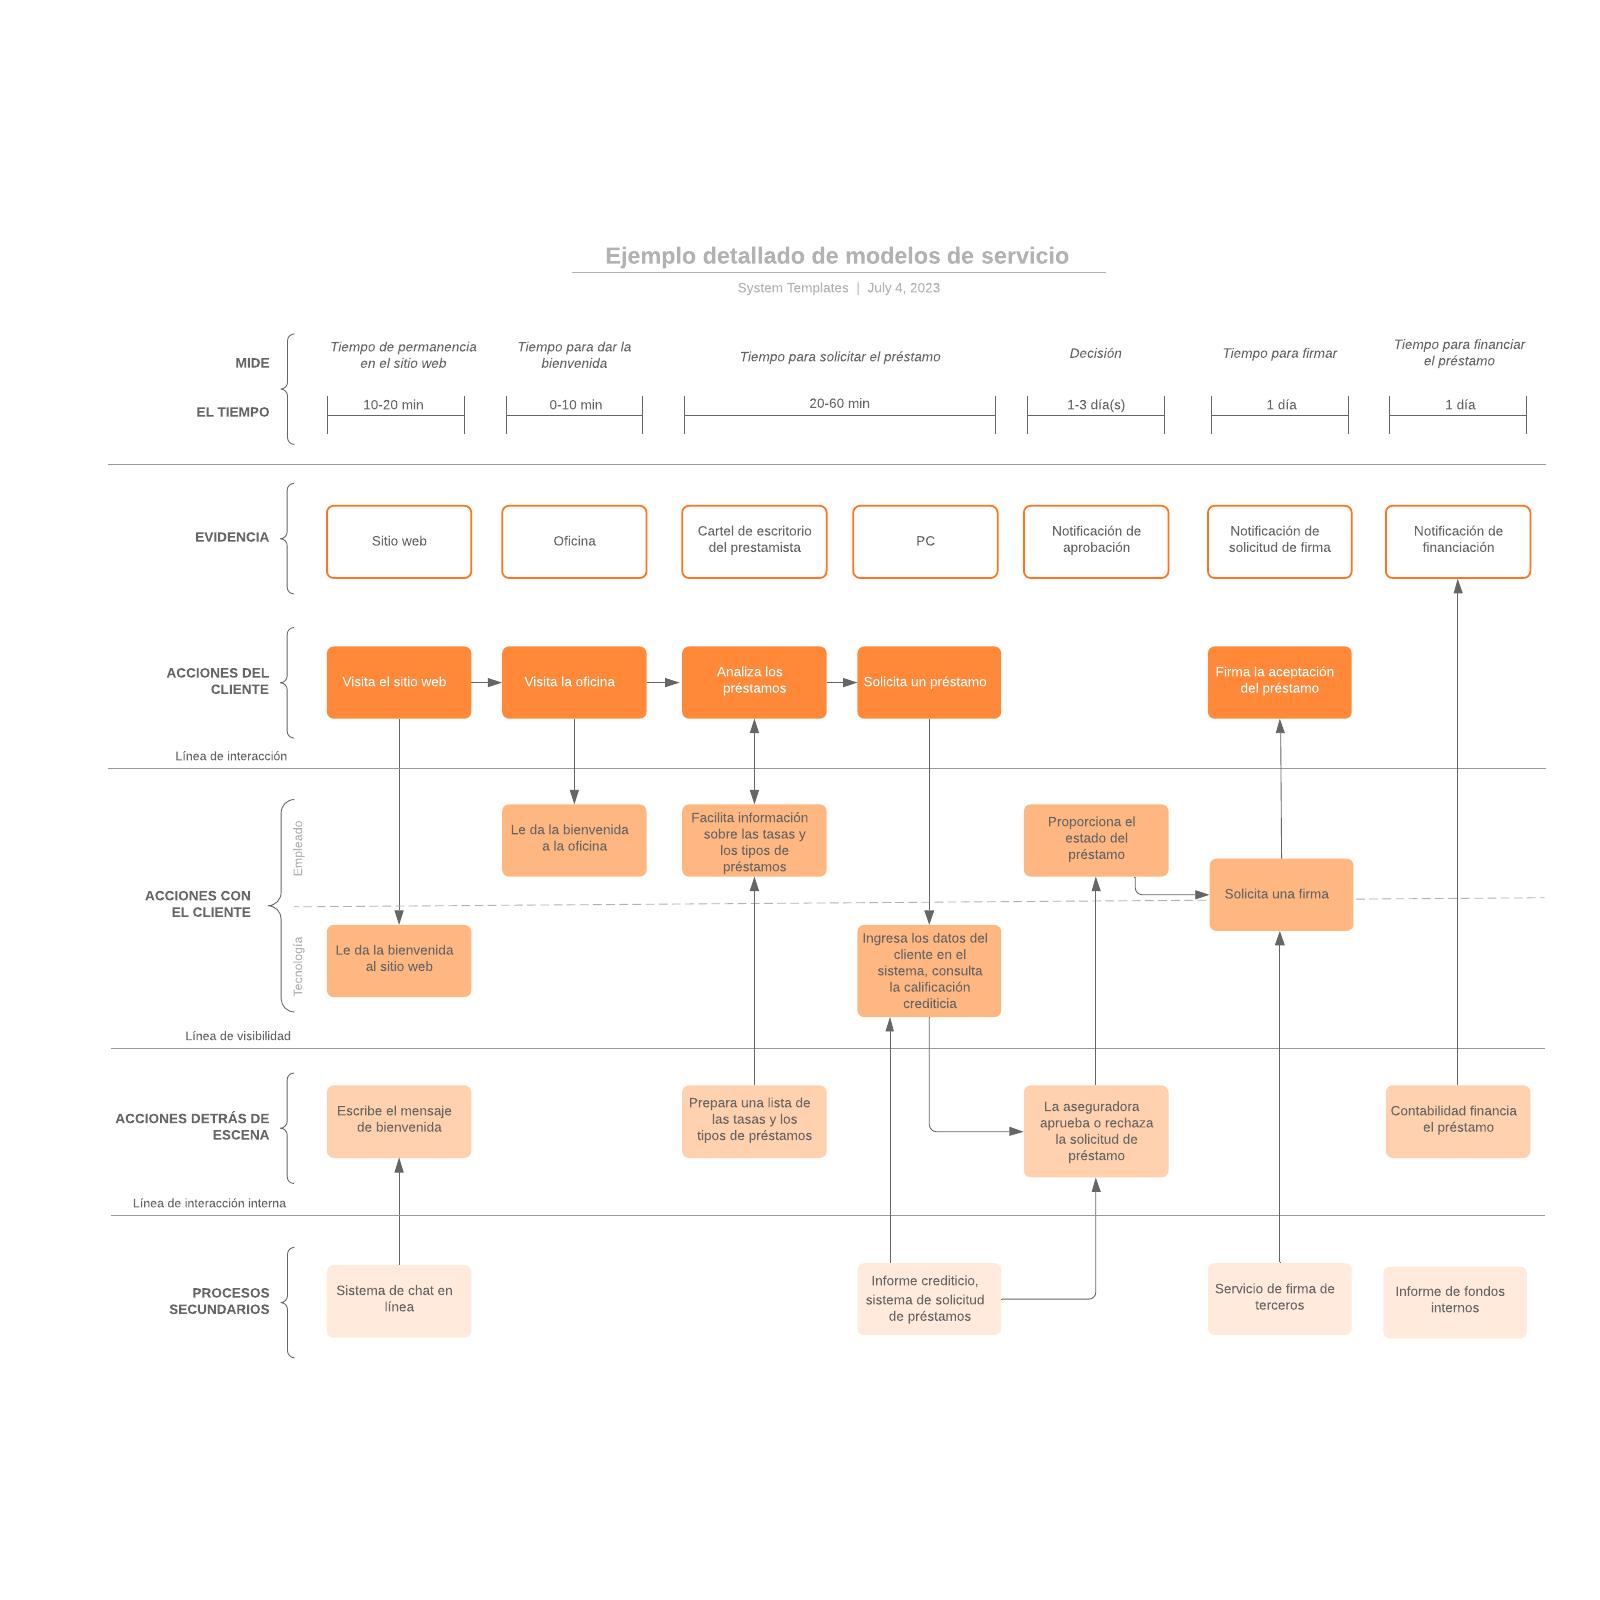 Ejemplo detallado de modelos de servicio